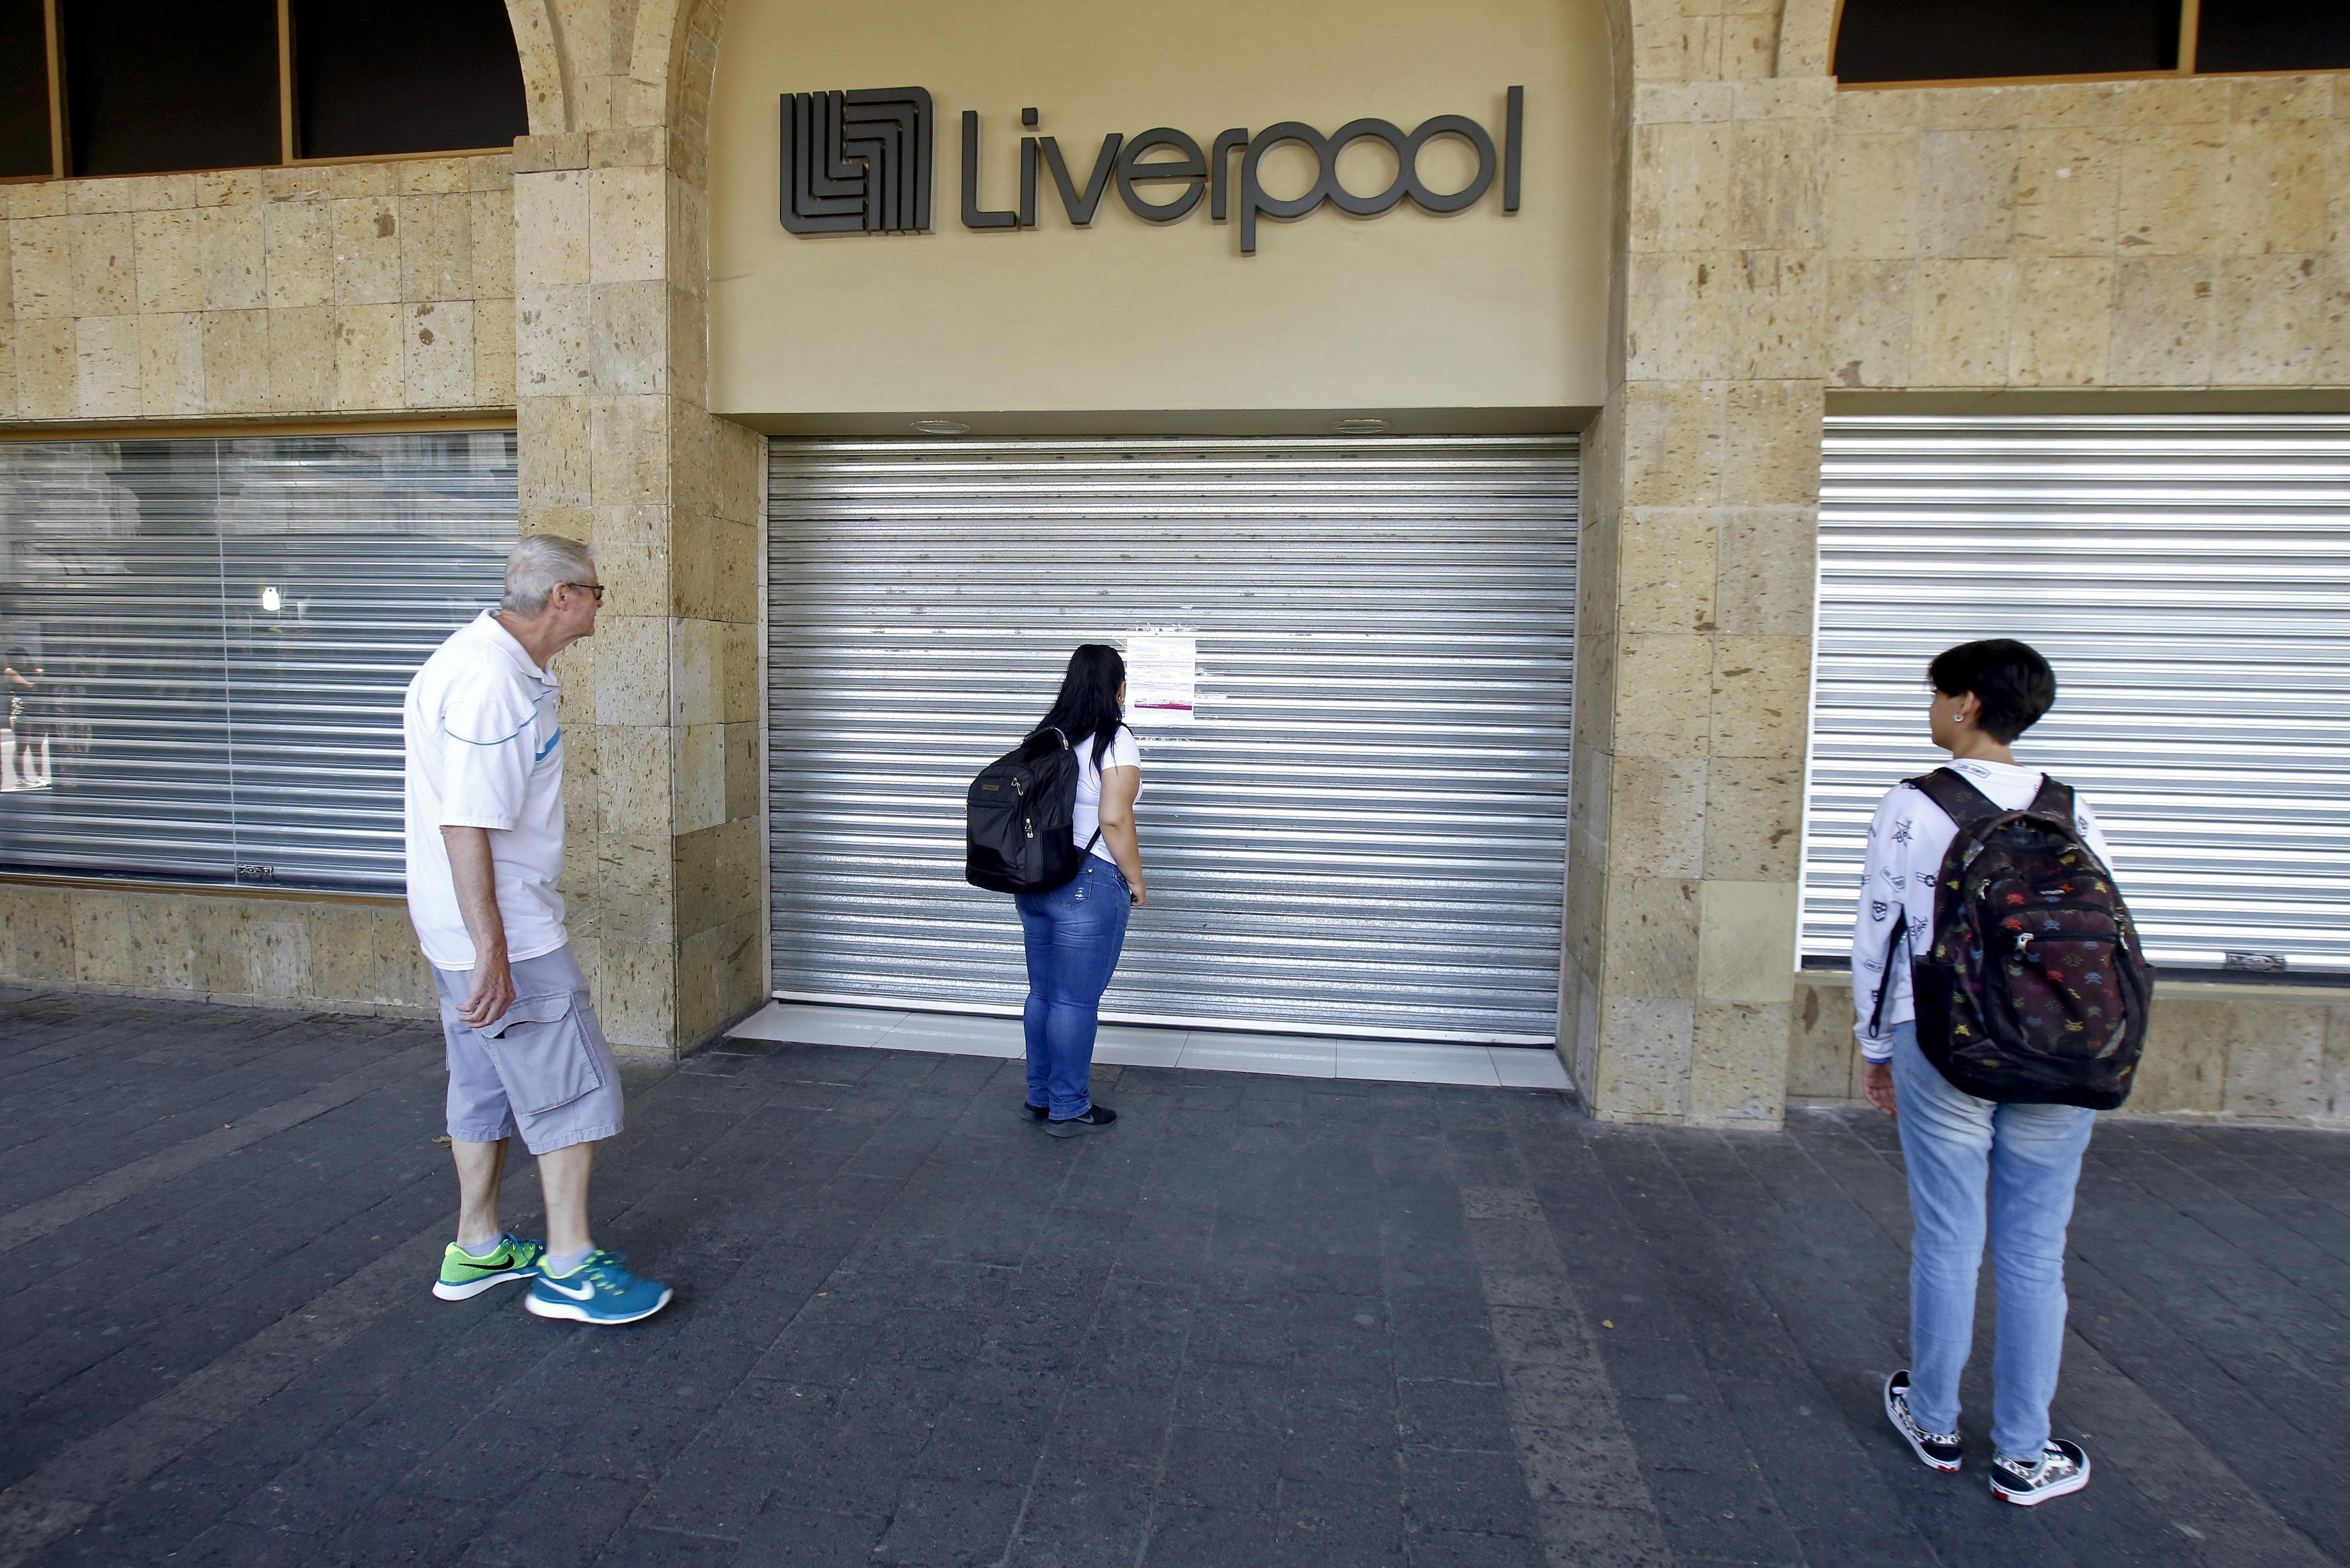 Una mujer mira un aviso dejado en una entrada de los grandes almacenes de Liverpool después de que cerró sus puertas debido a la nueva pandemia de coronavirus COVID-19, en Guadalajara, México, el 31 de marzo de 2020.